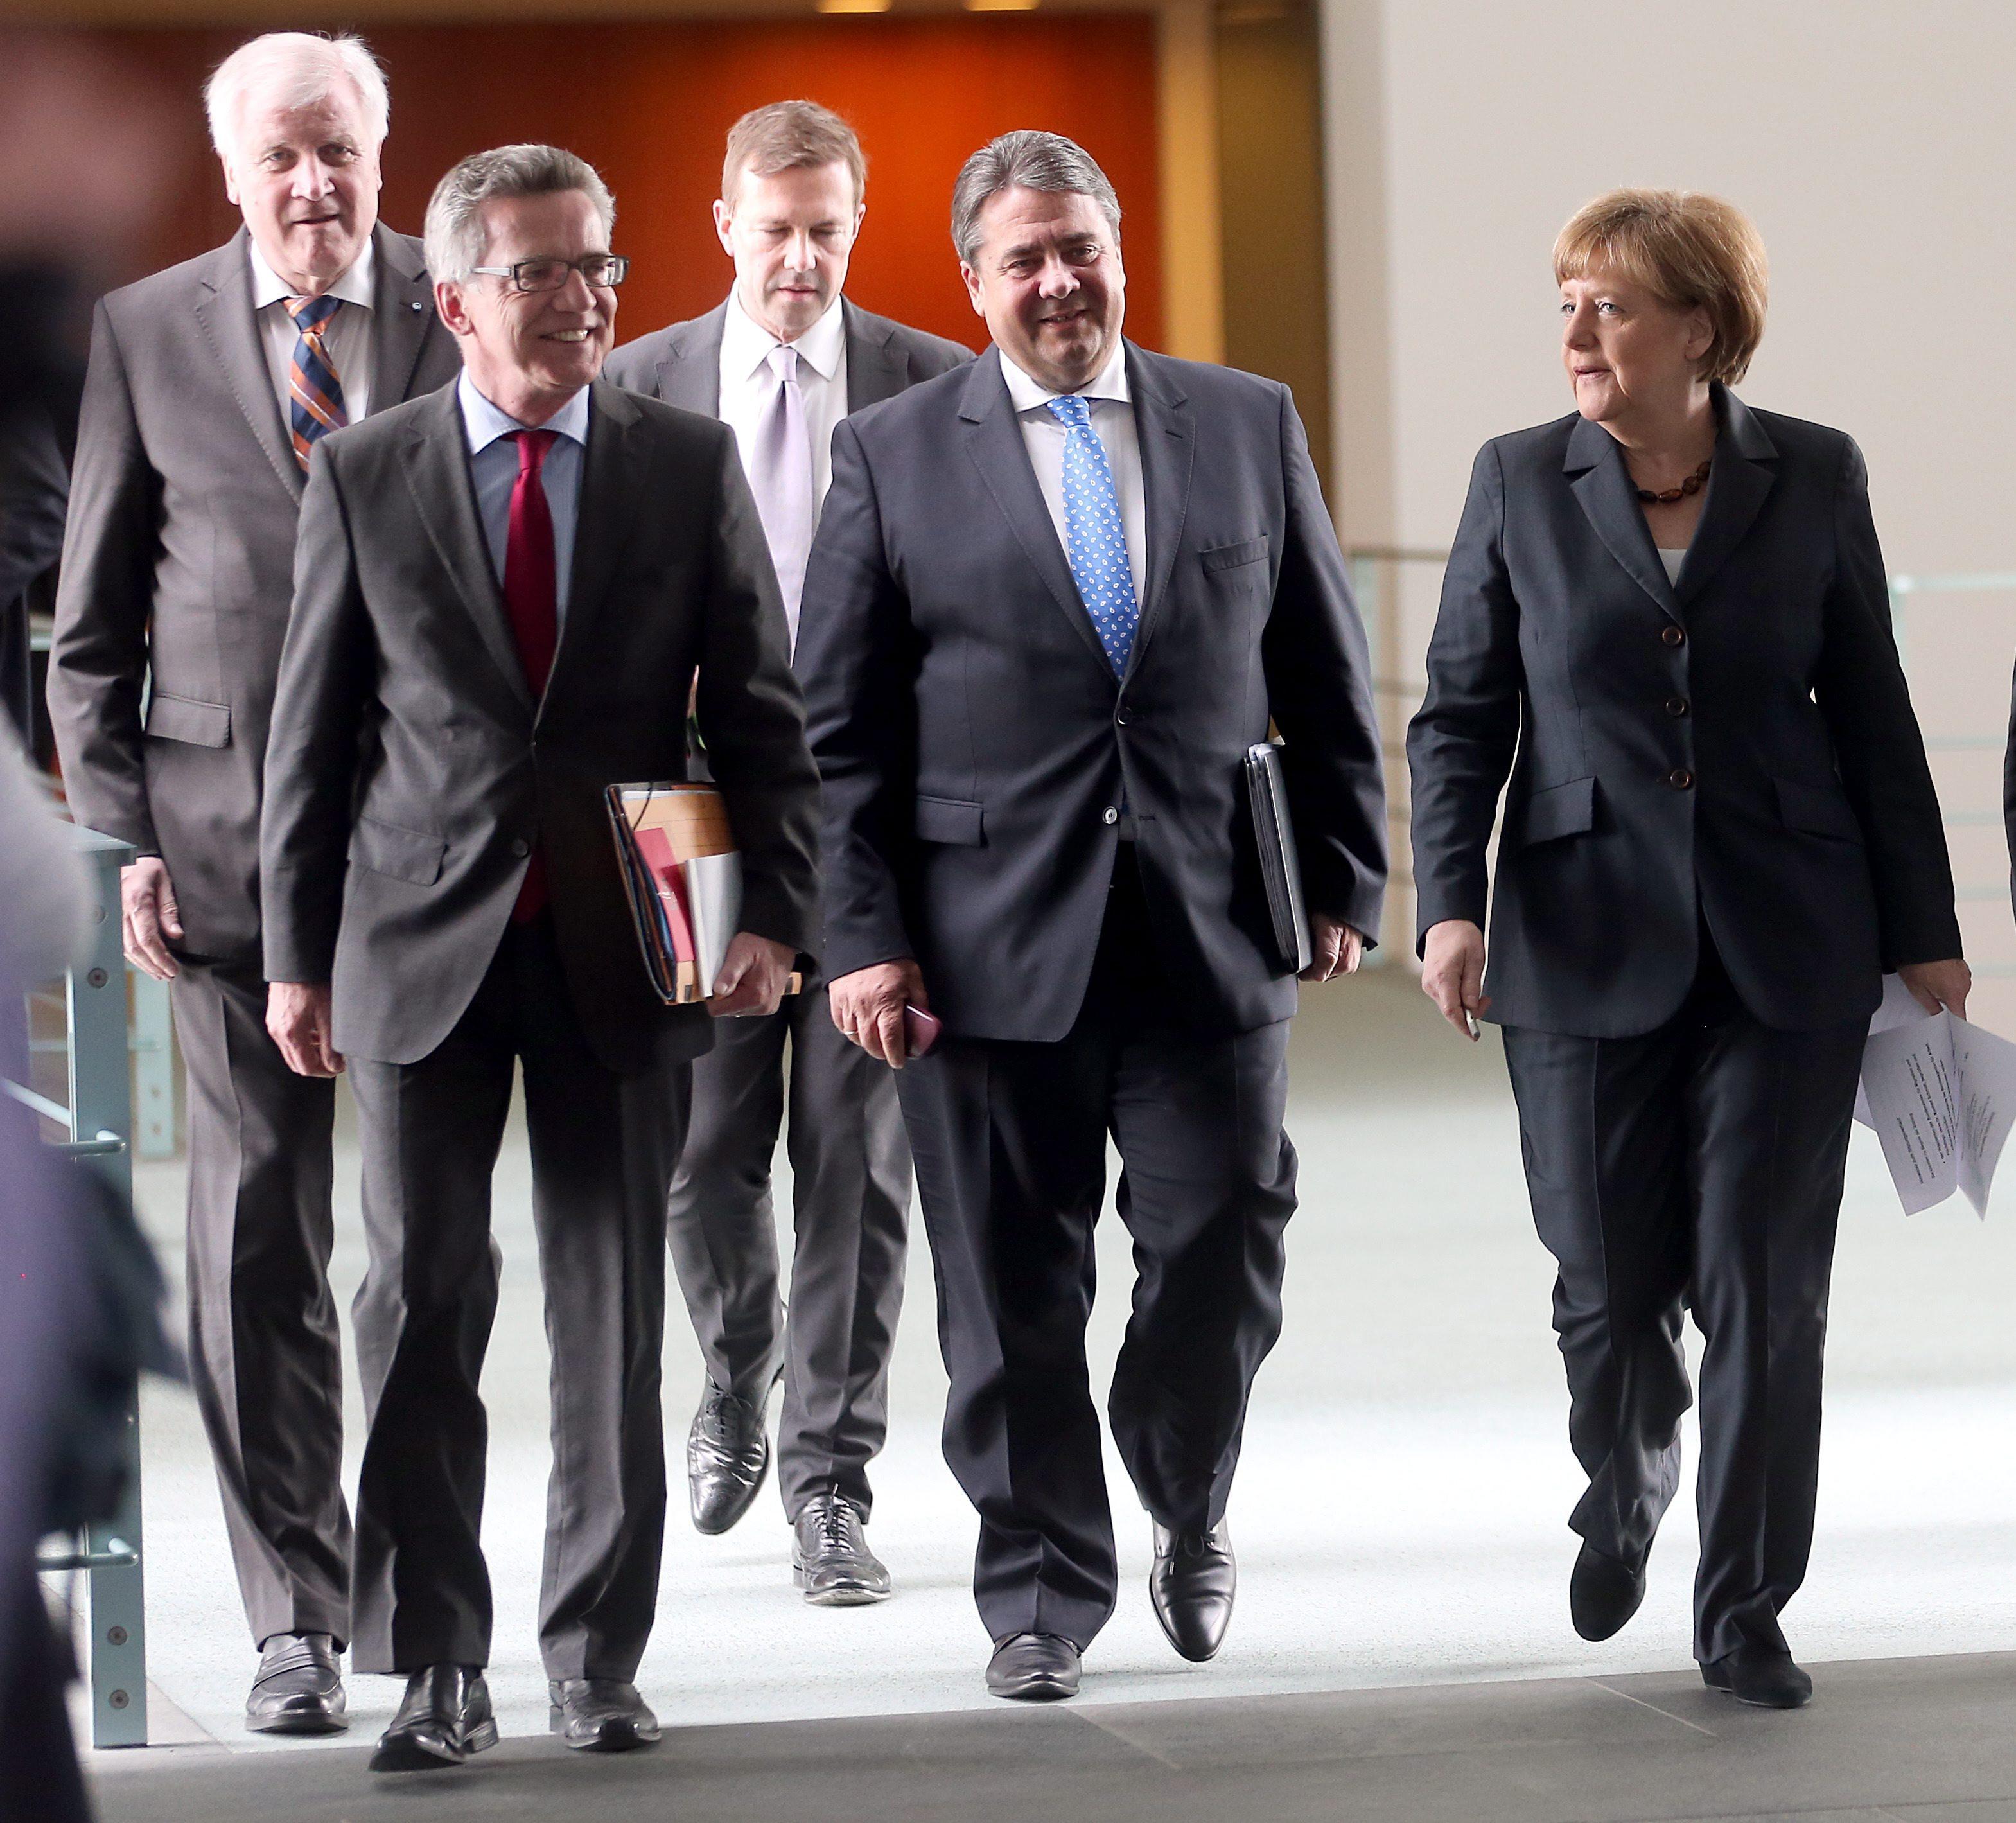 Βερολίνο  «Συζητάμε για το τρέχον πρόγραμμα – για τίποτα άλλο ... 9dfea47c0b2